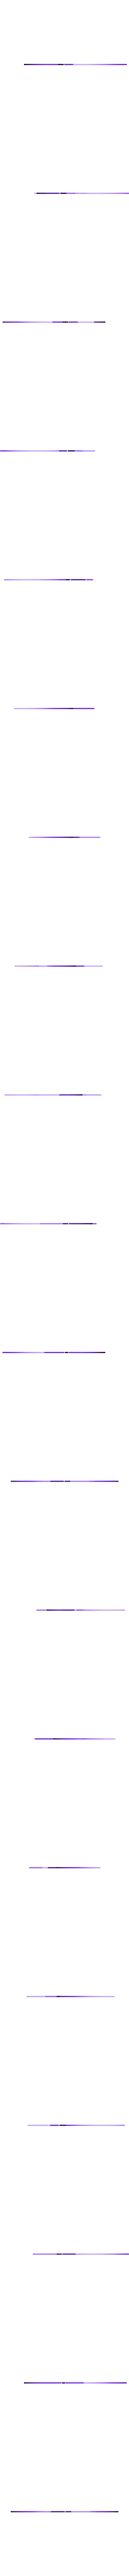 Eclipse_v2.stl Télécharger fichier STL gratuit Pochoir Eclipse • Plan pour imprimante 3D, dancingchicken